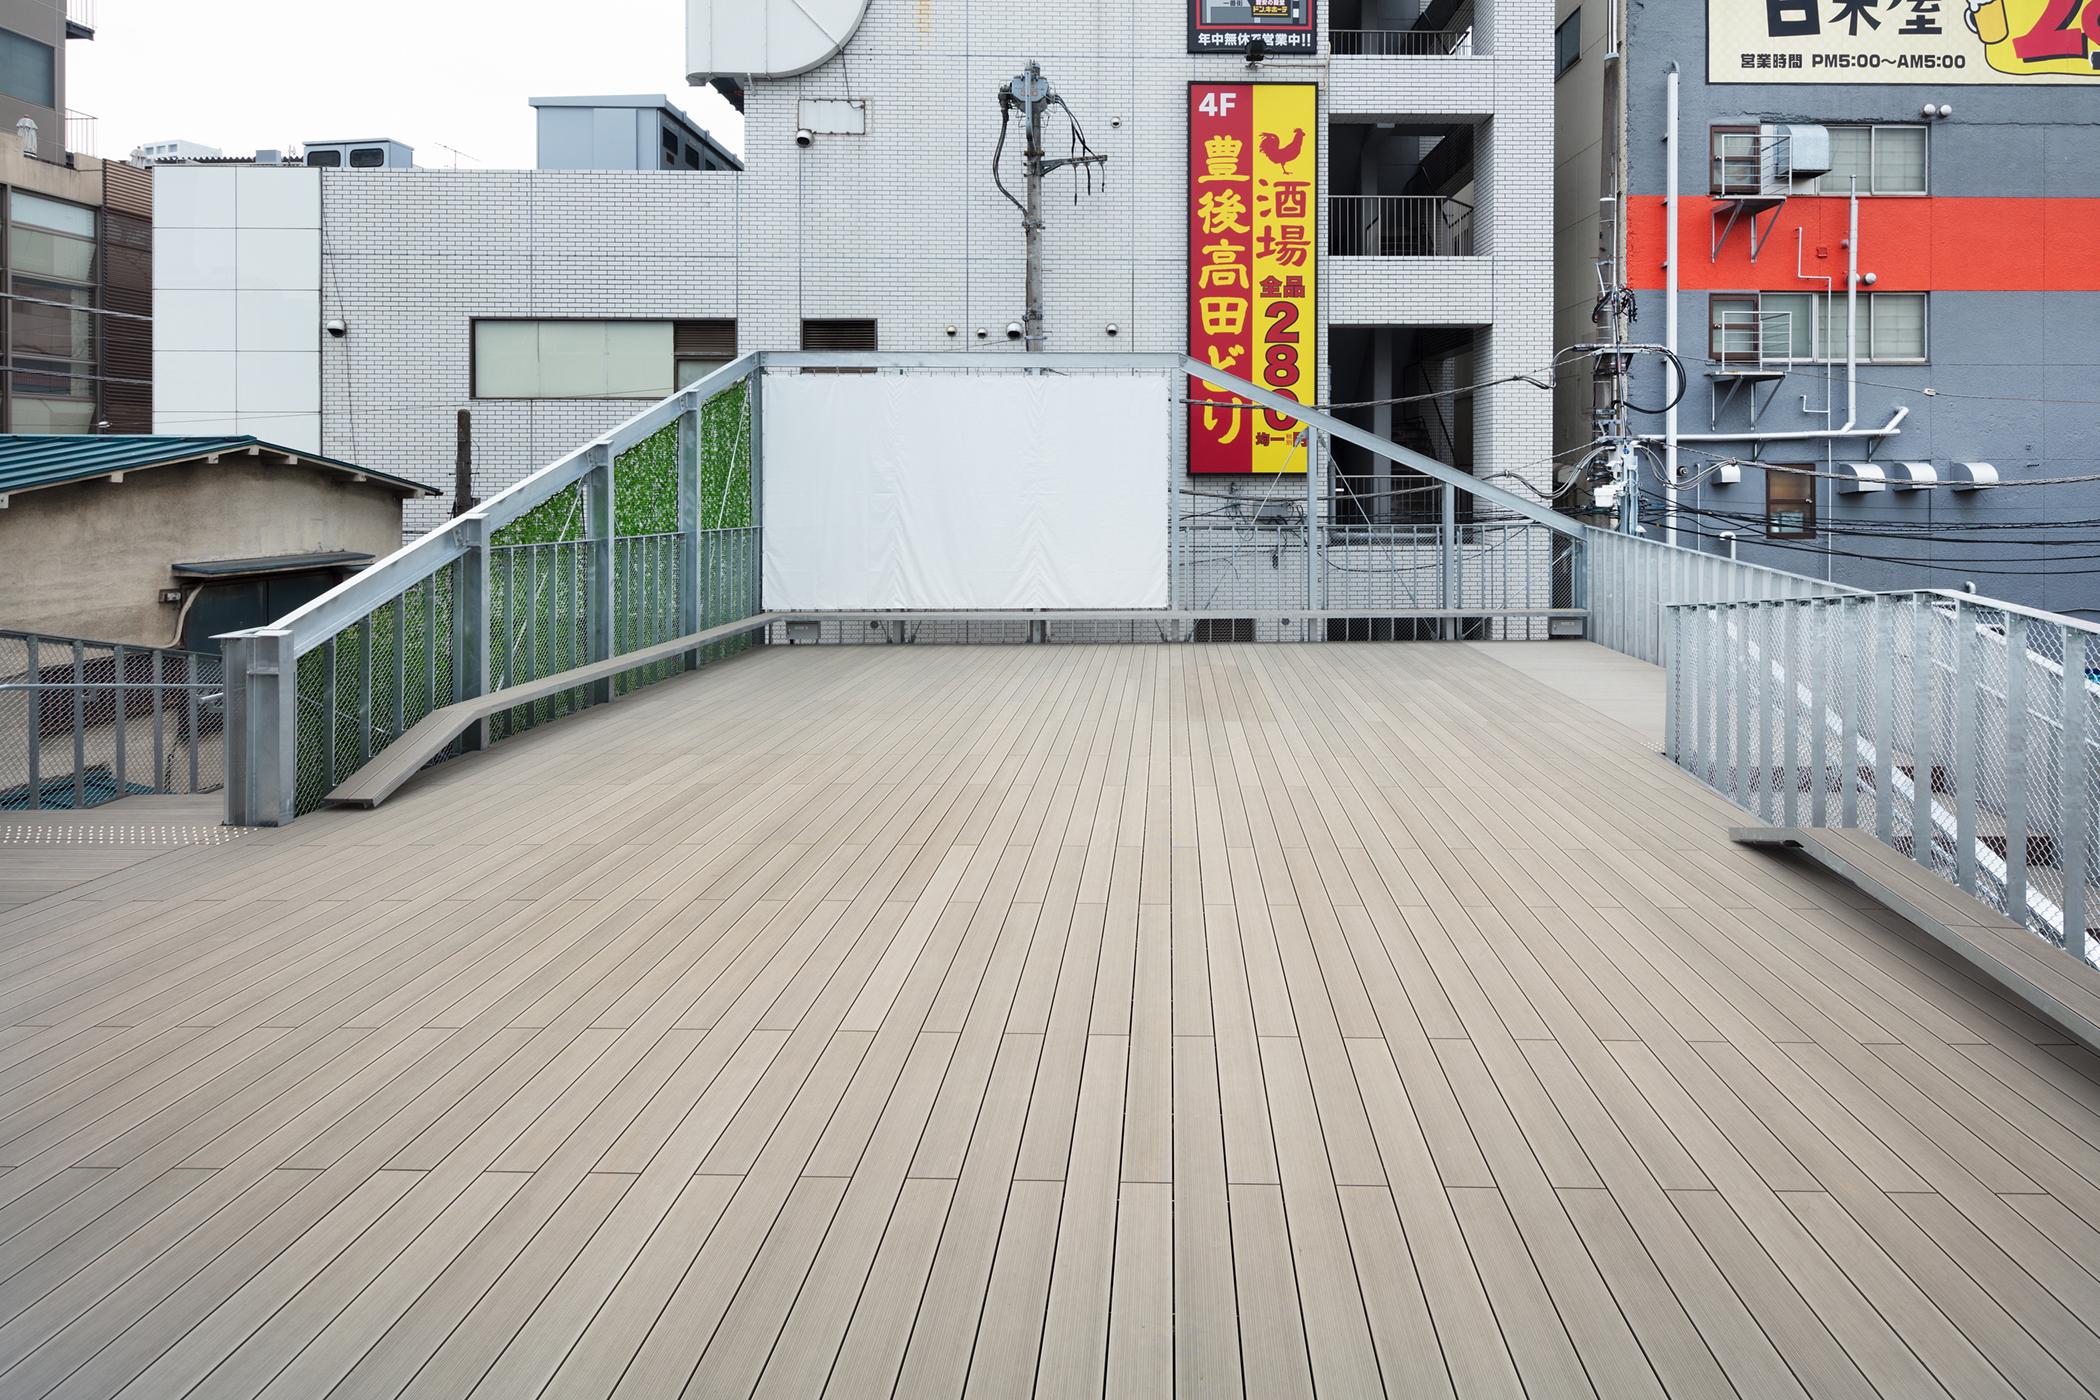 om-terrace_ota_19.jpg